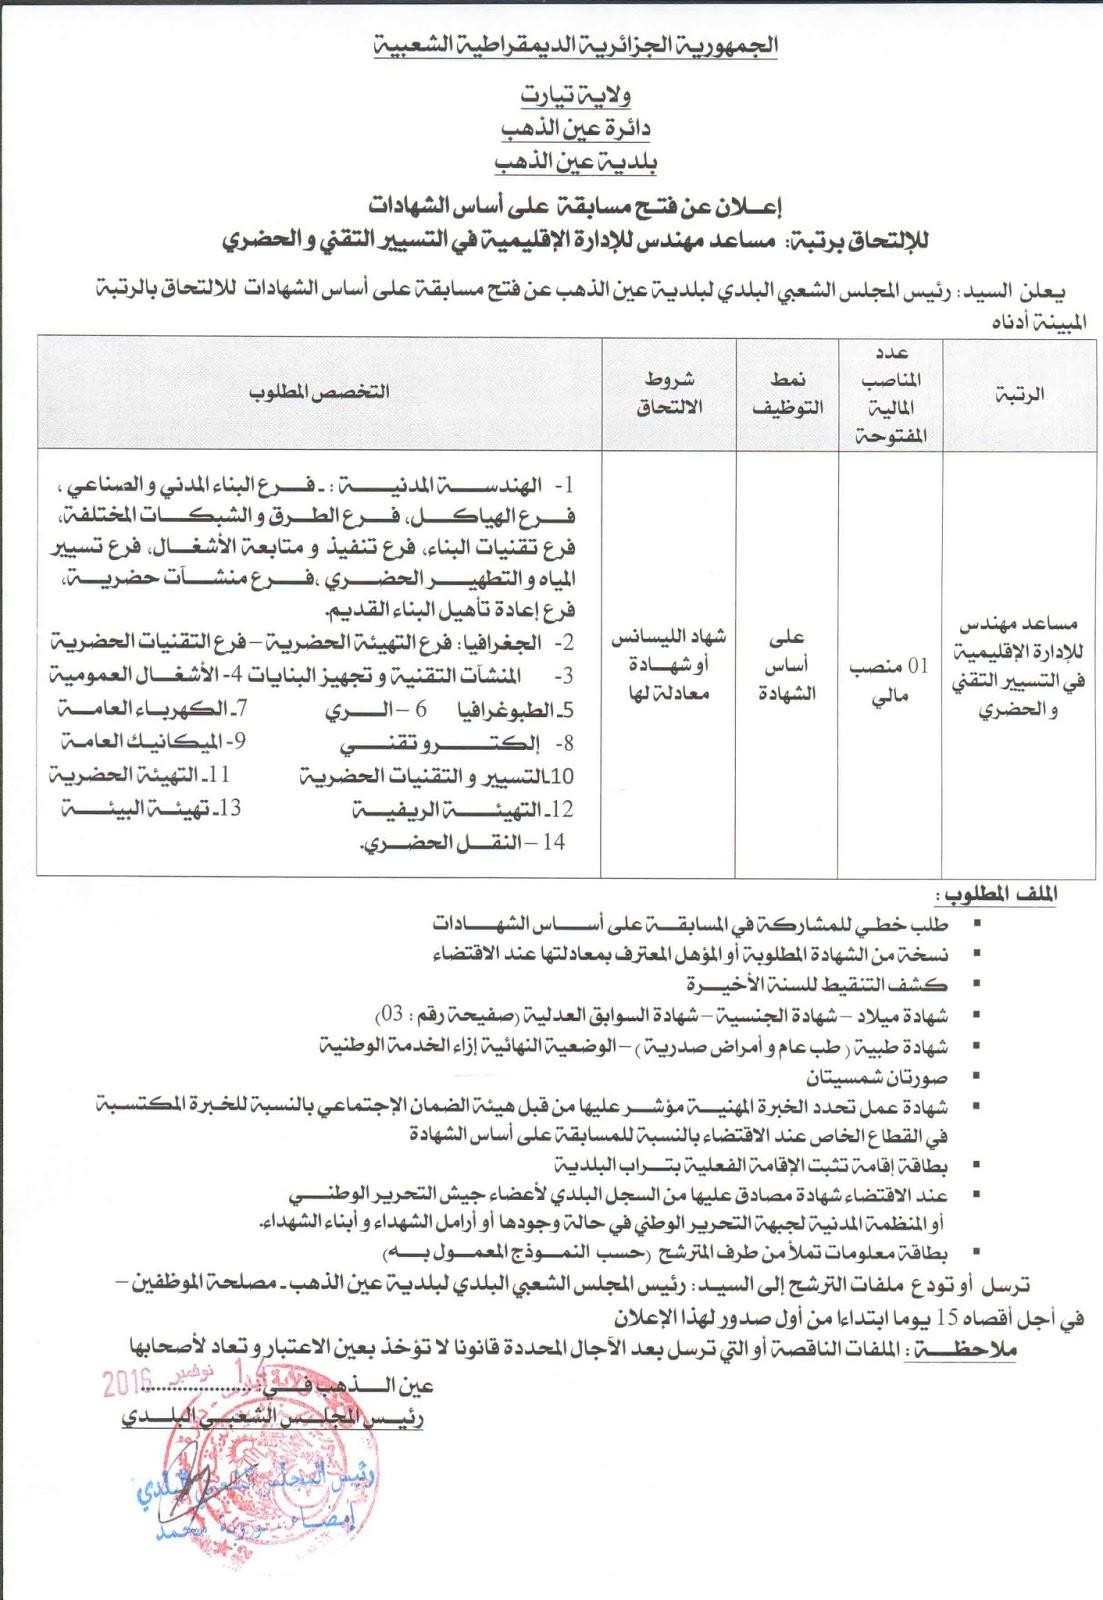 إعلان مسابقة توظيف بلدية عين الذهب ولاية تيارت